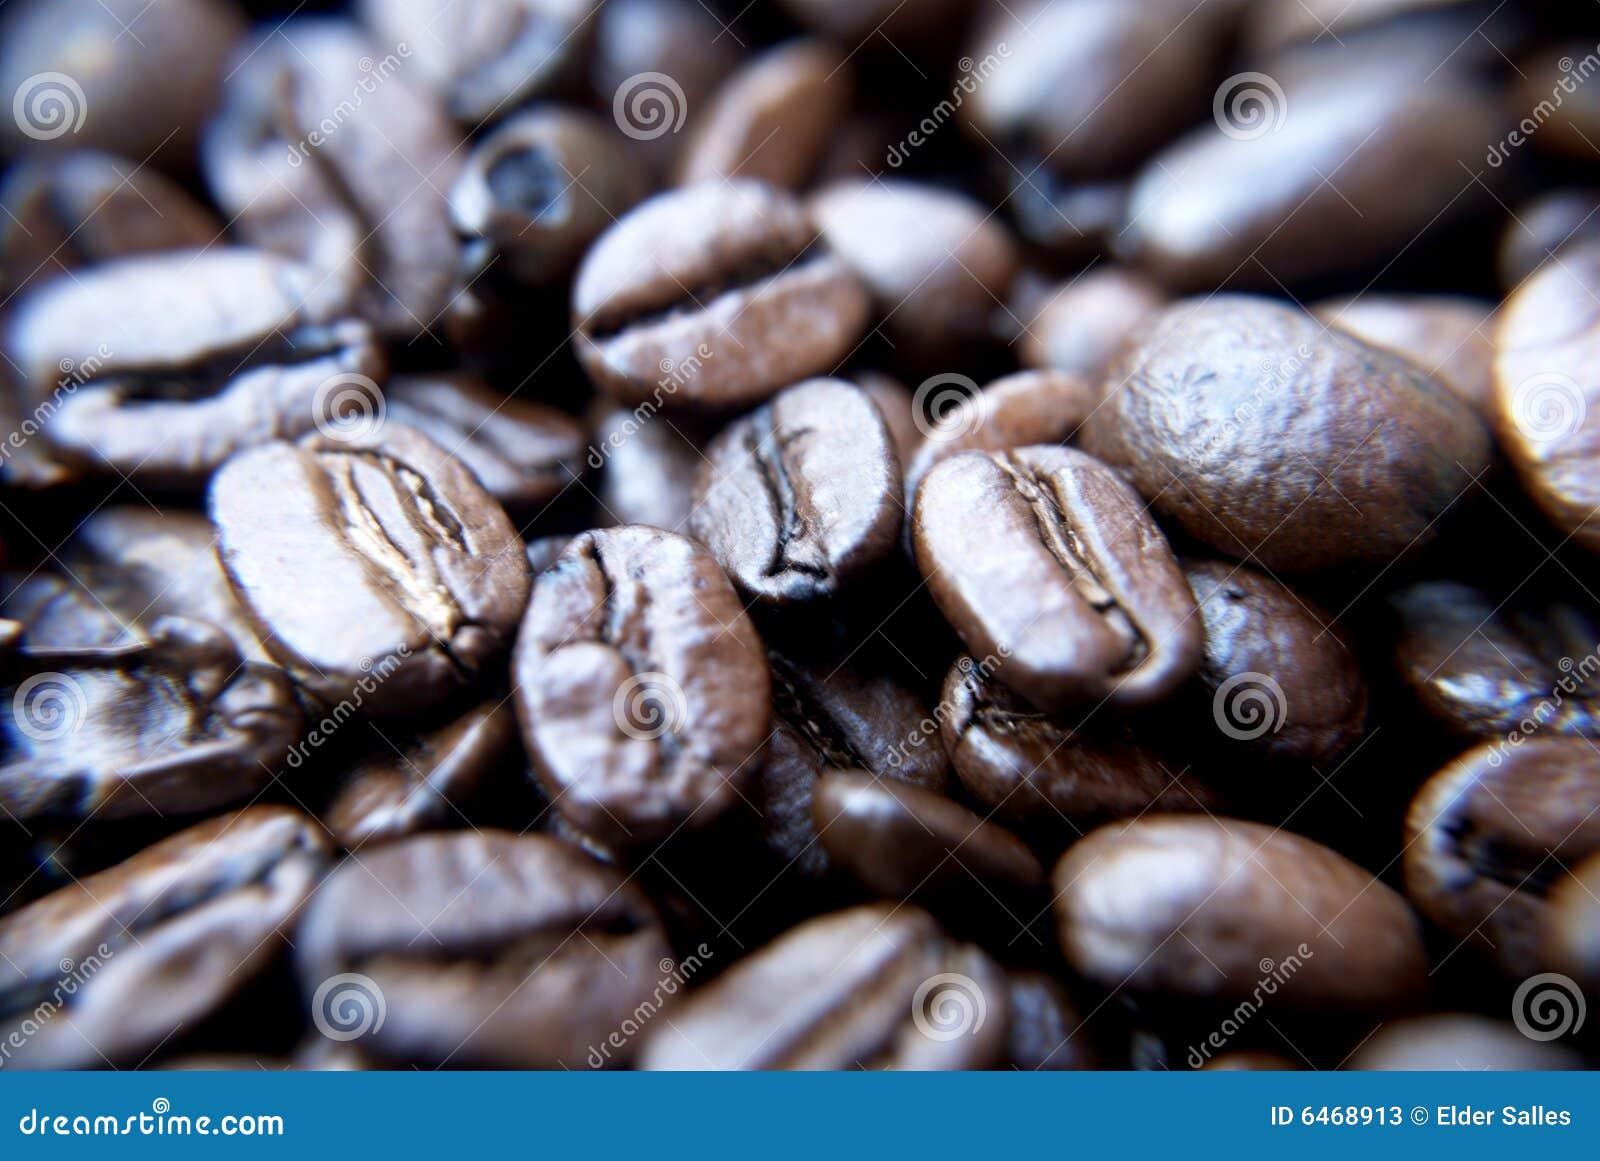 Brazylijskie ziarna kawy